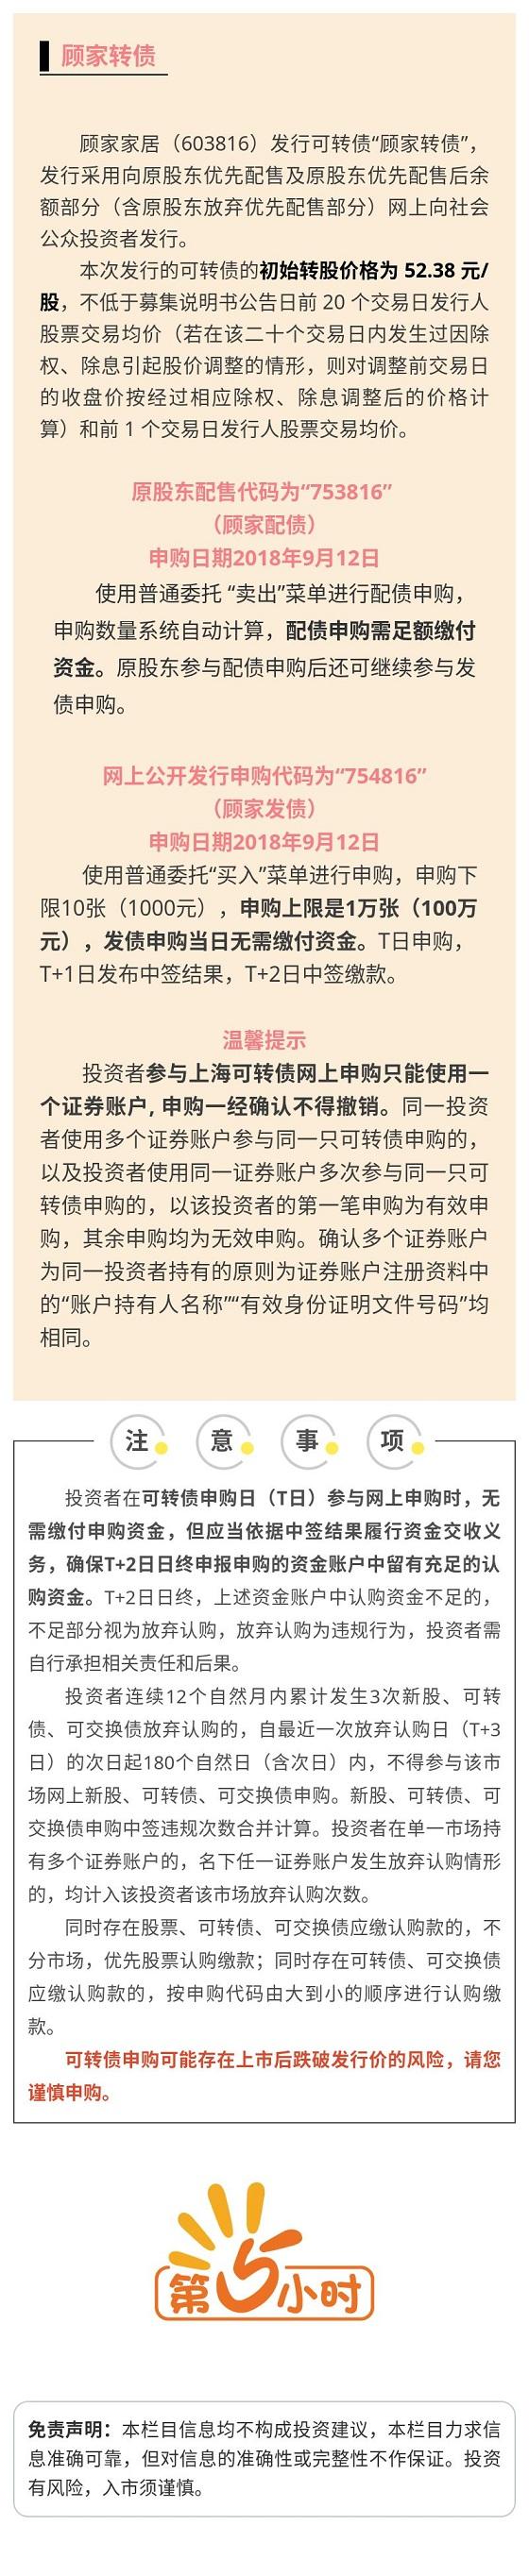 【新债申购】顾家家居(603816)公开发行可转换公司债.jpg